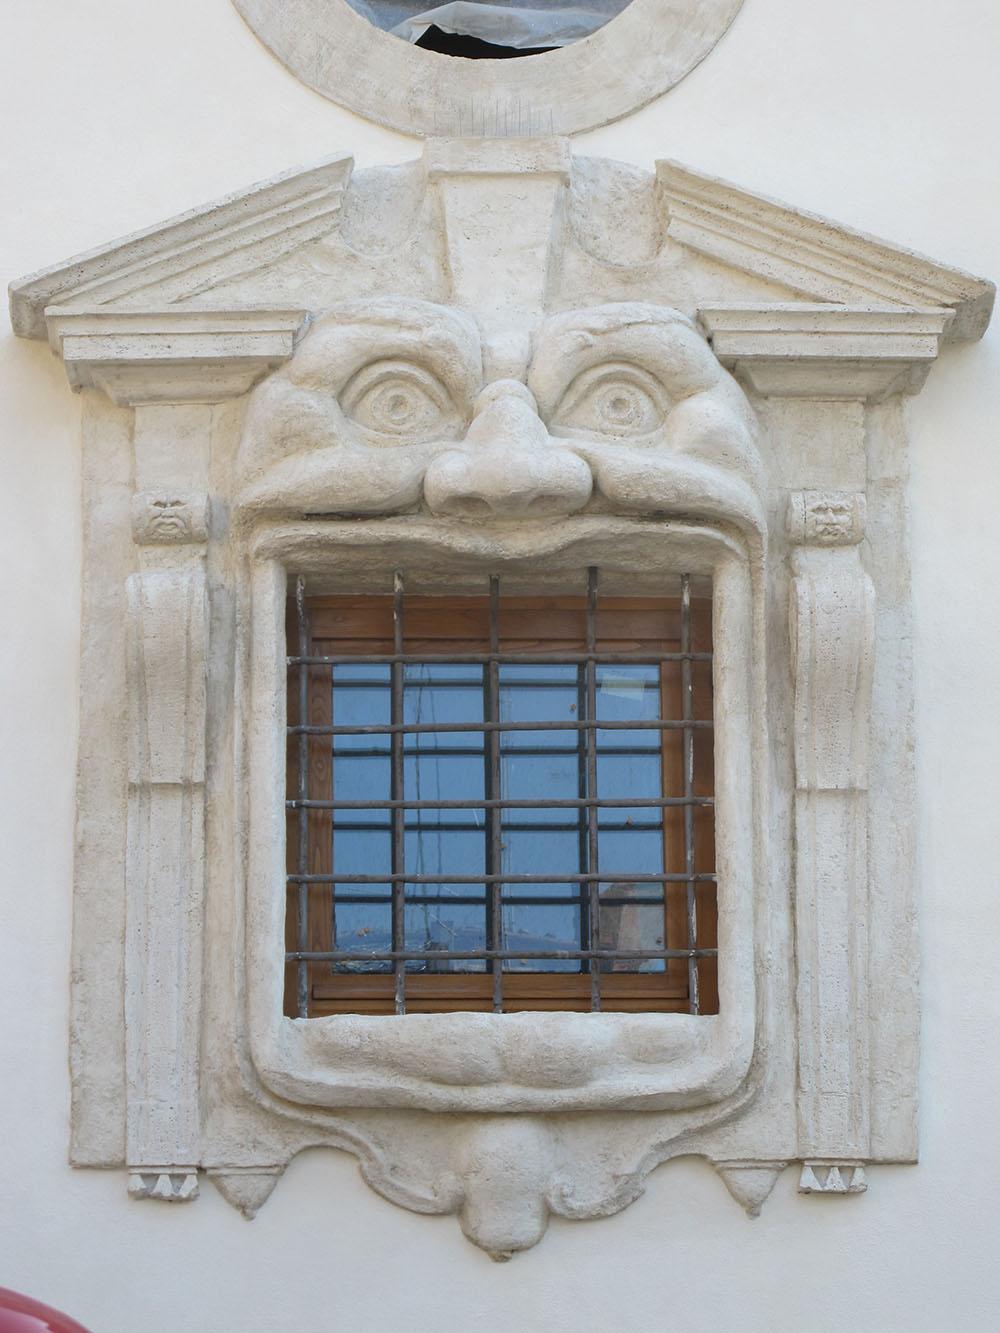 15 una delle due finestre del prospetto dopo gli interventi